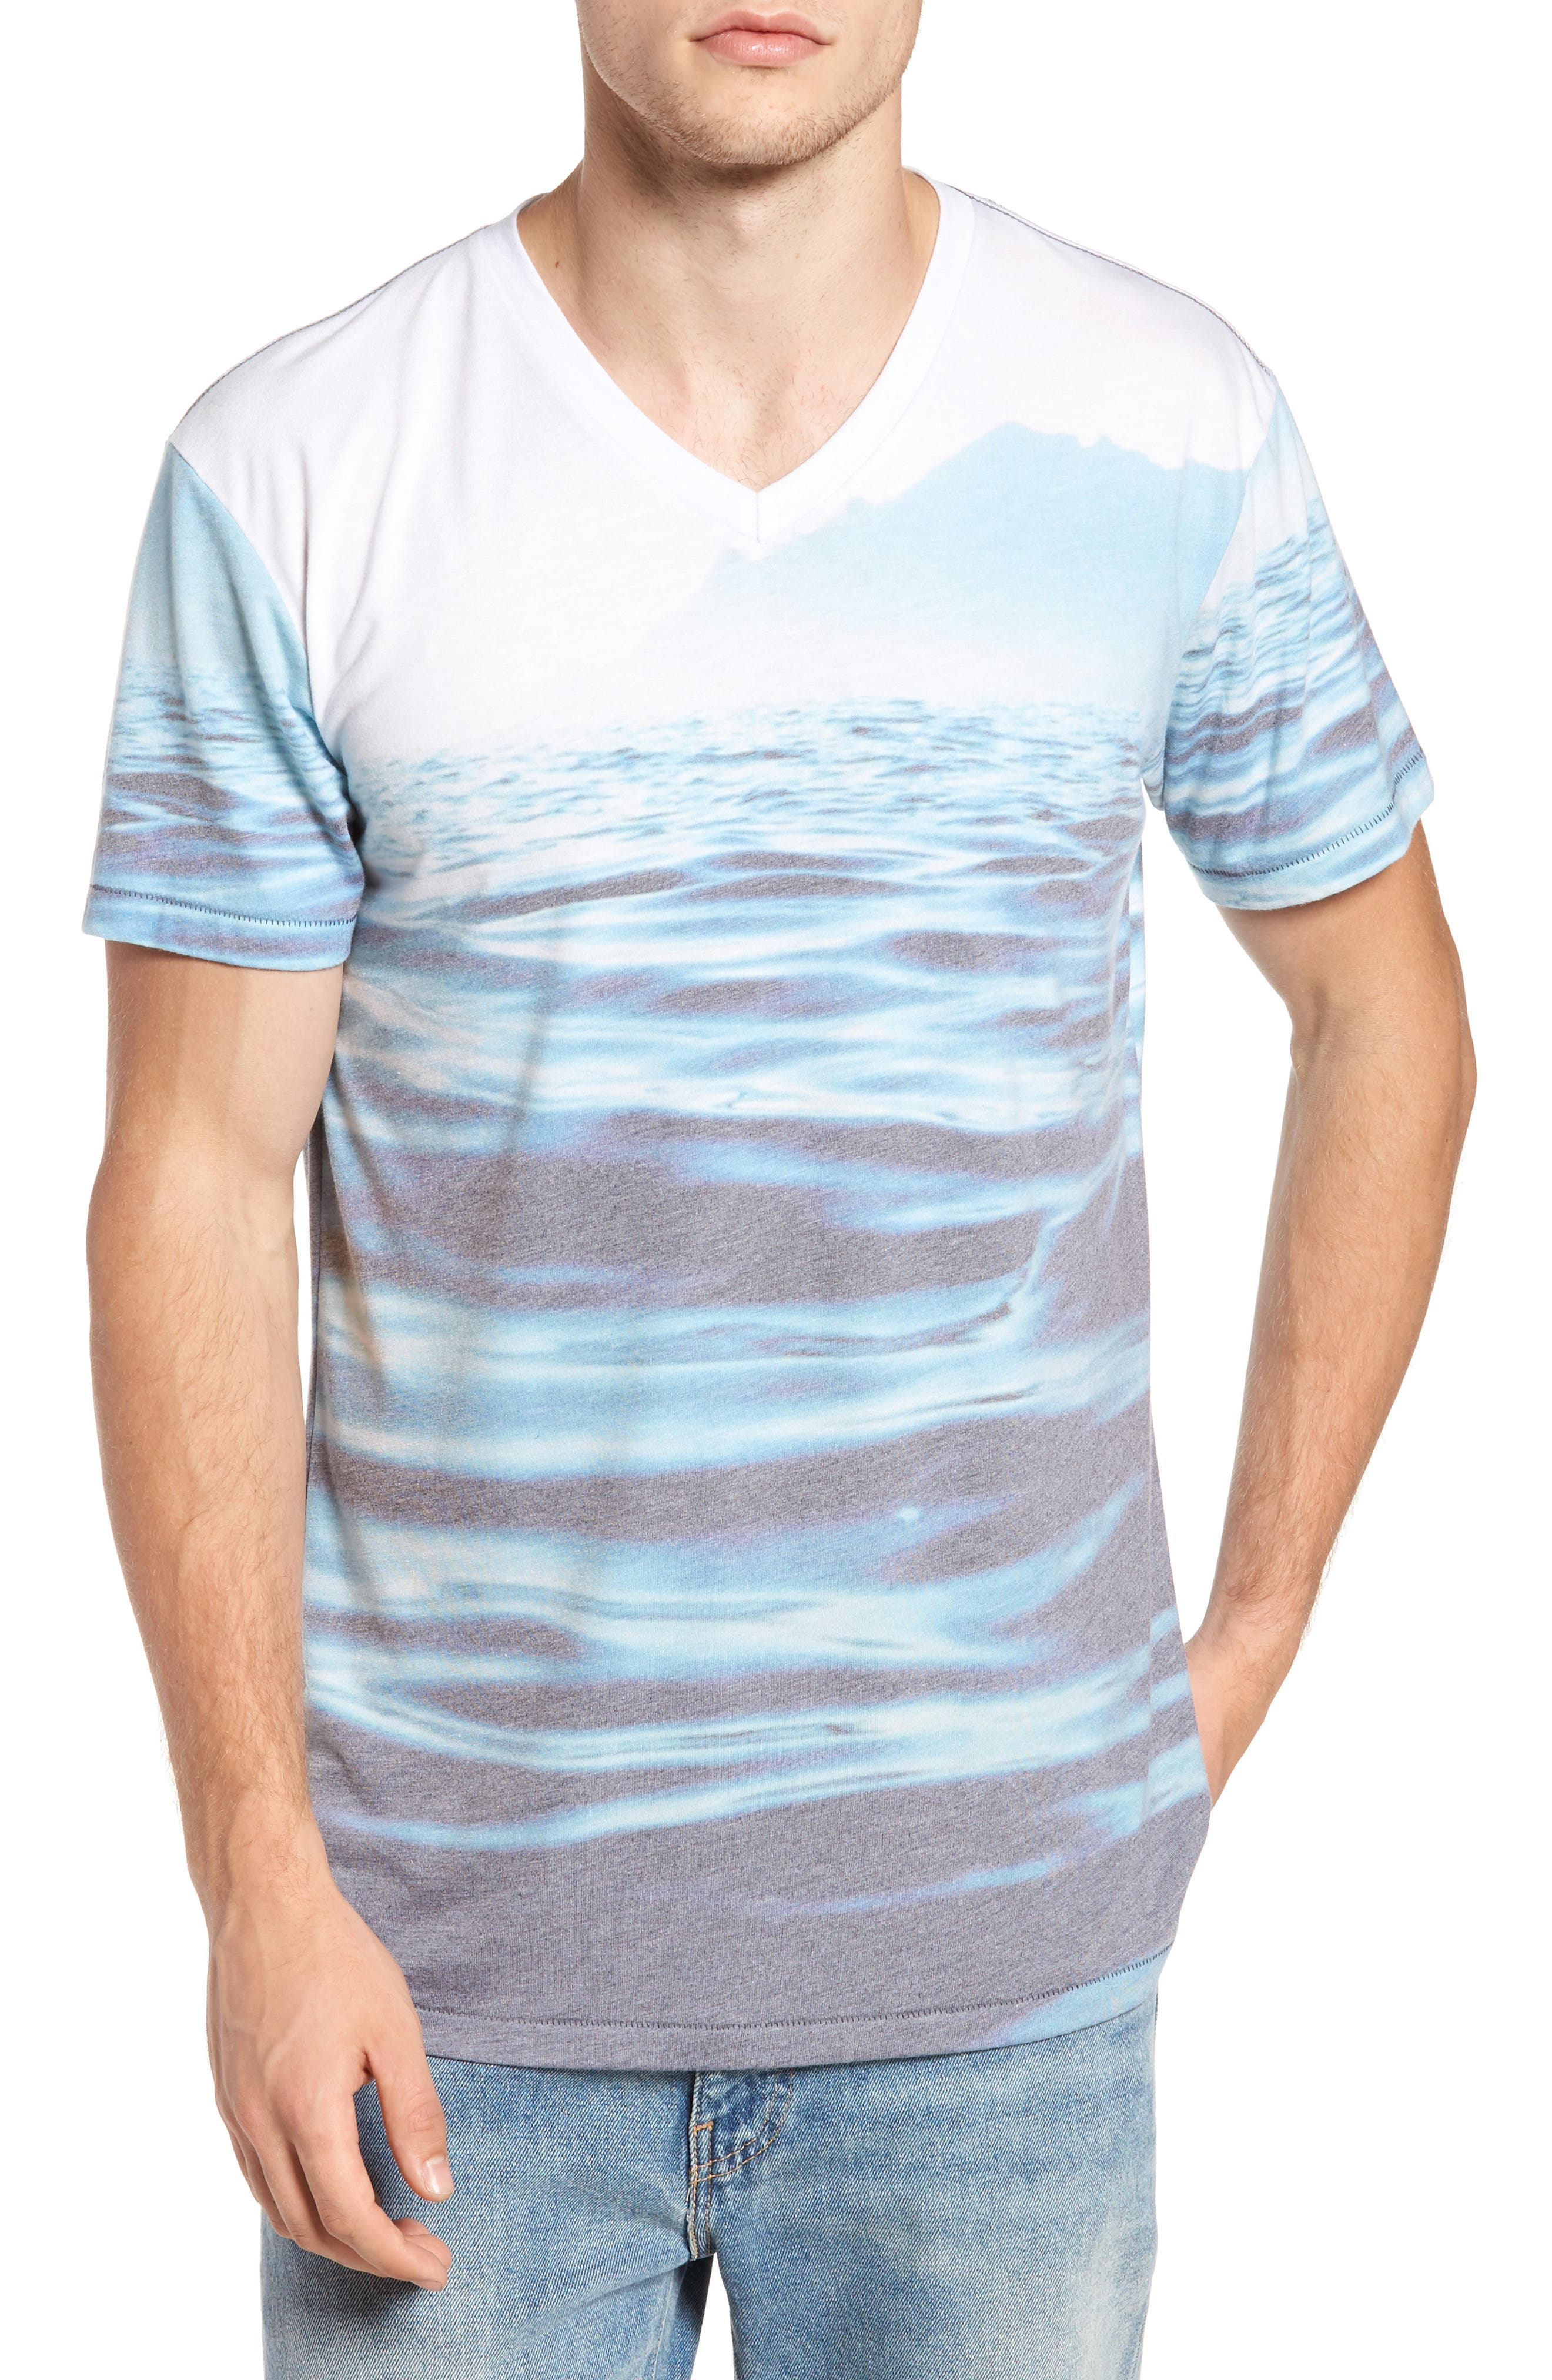 Mirage Waters T-Shirt,                             Main thumbnail 1, color,